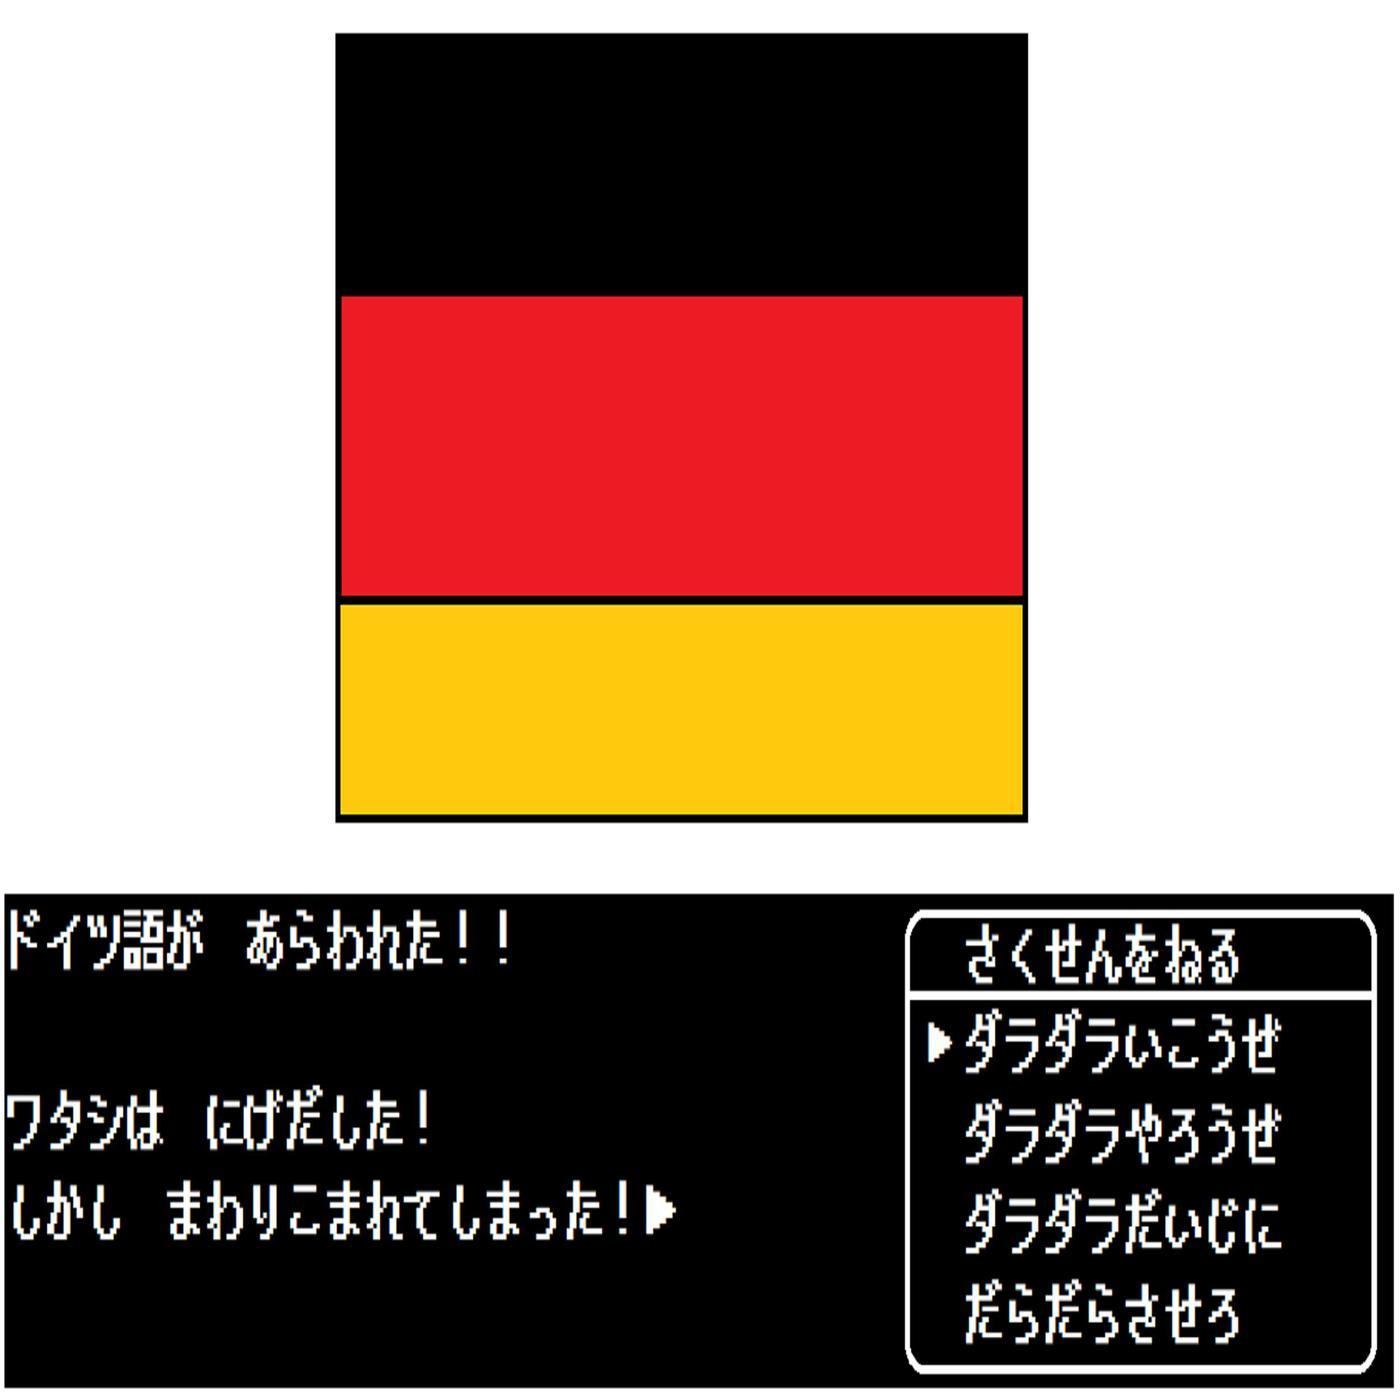 語 ein ドイツ